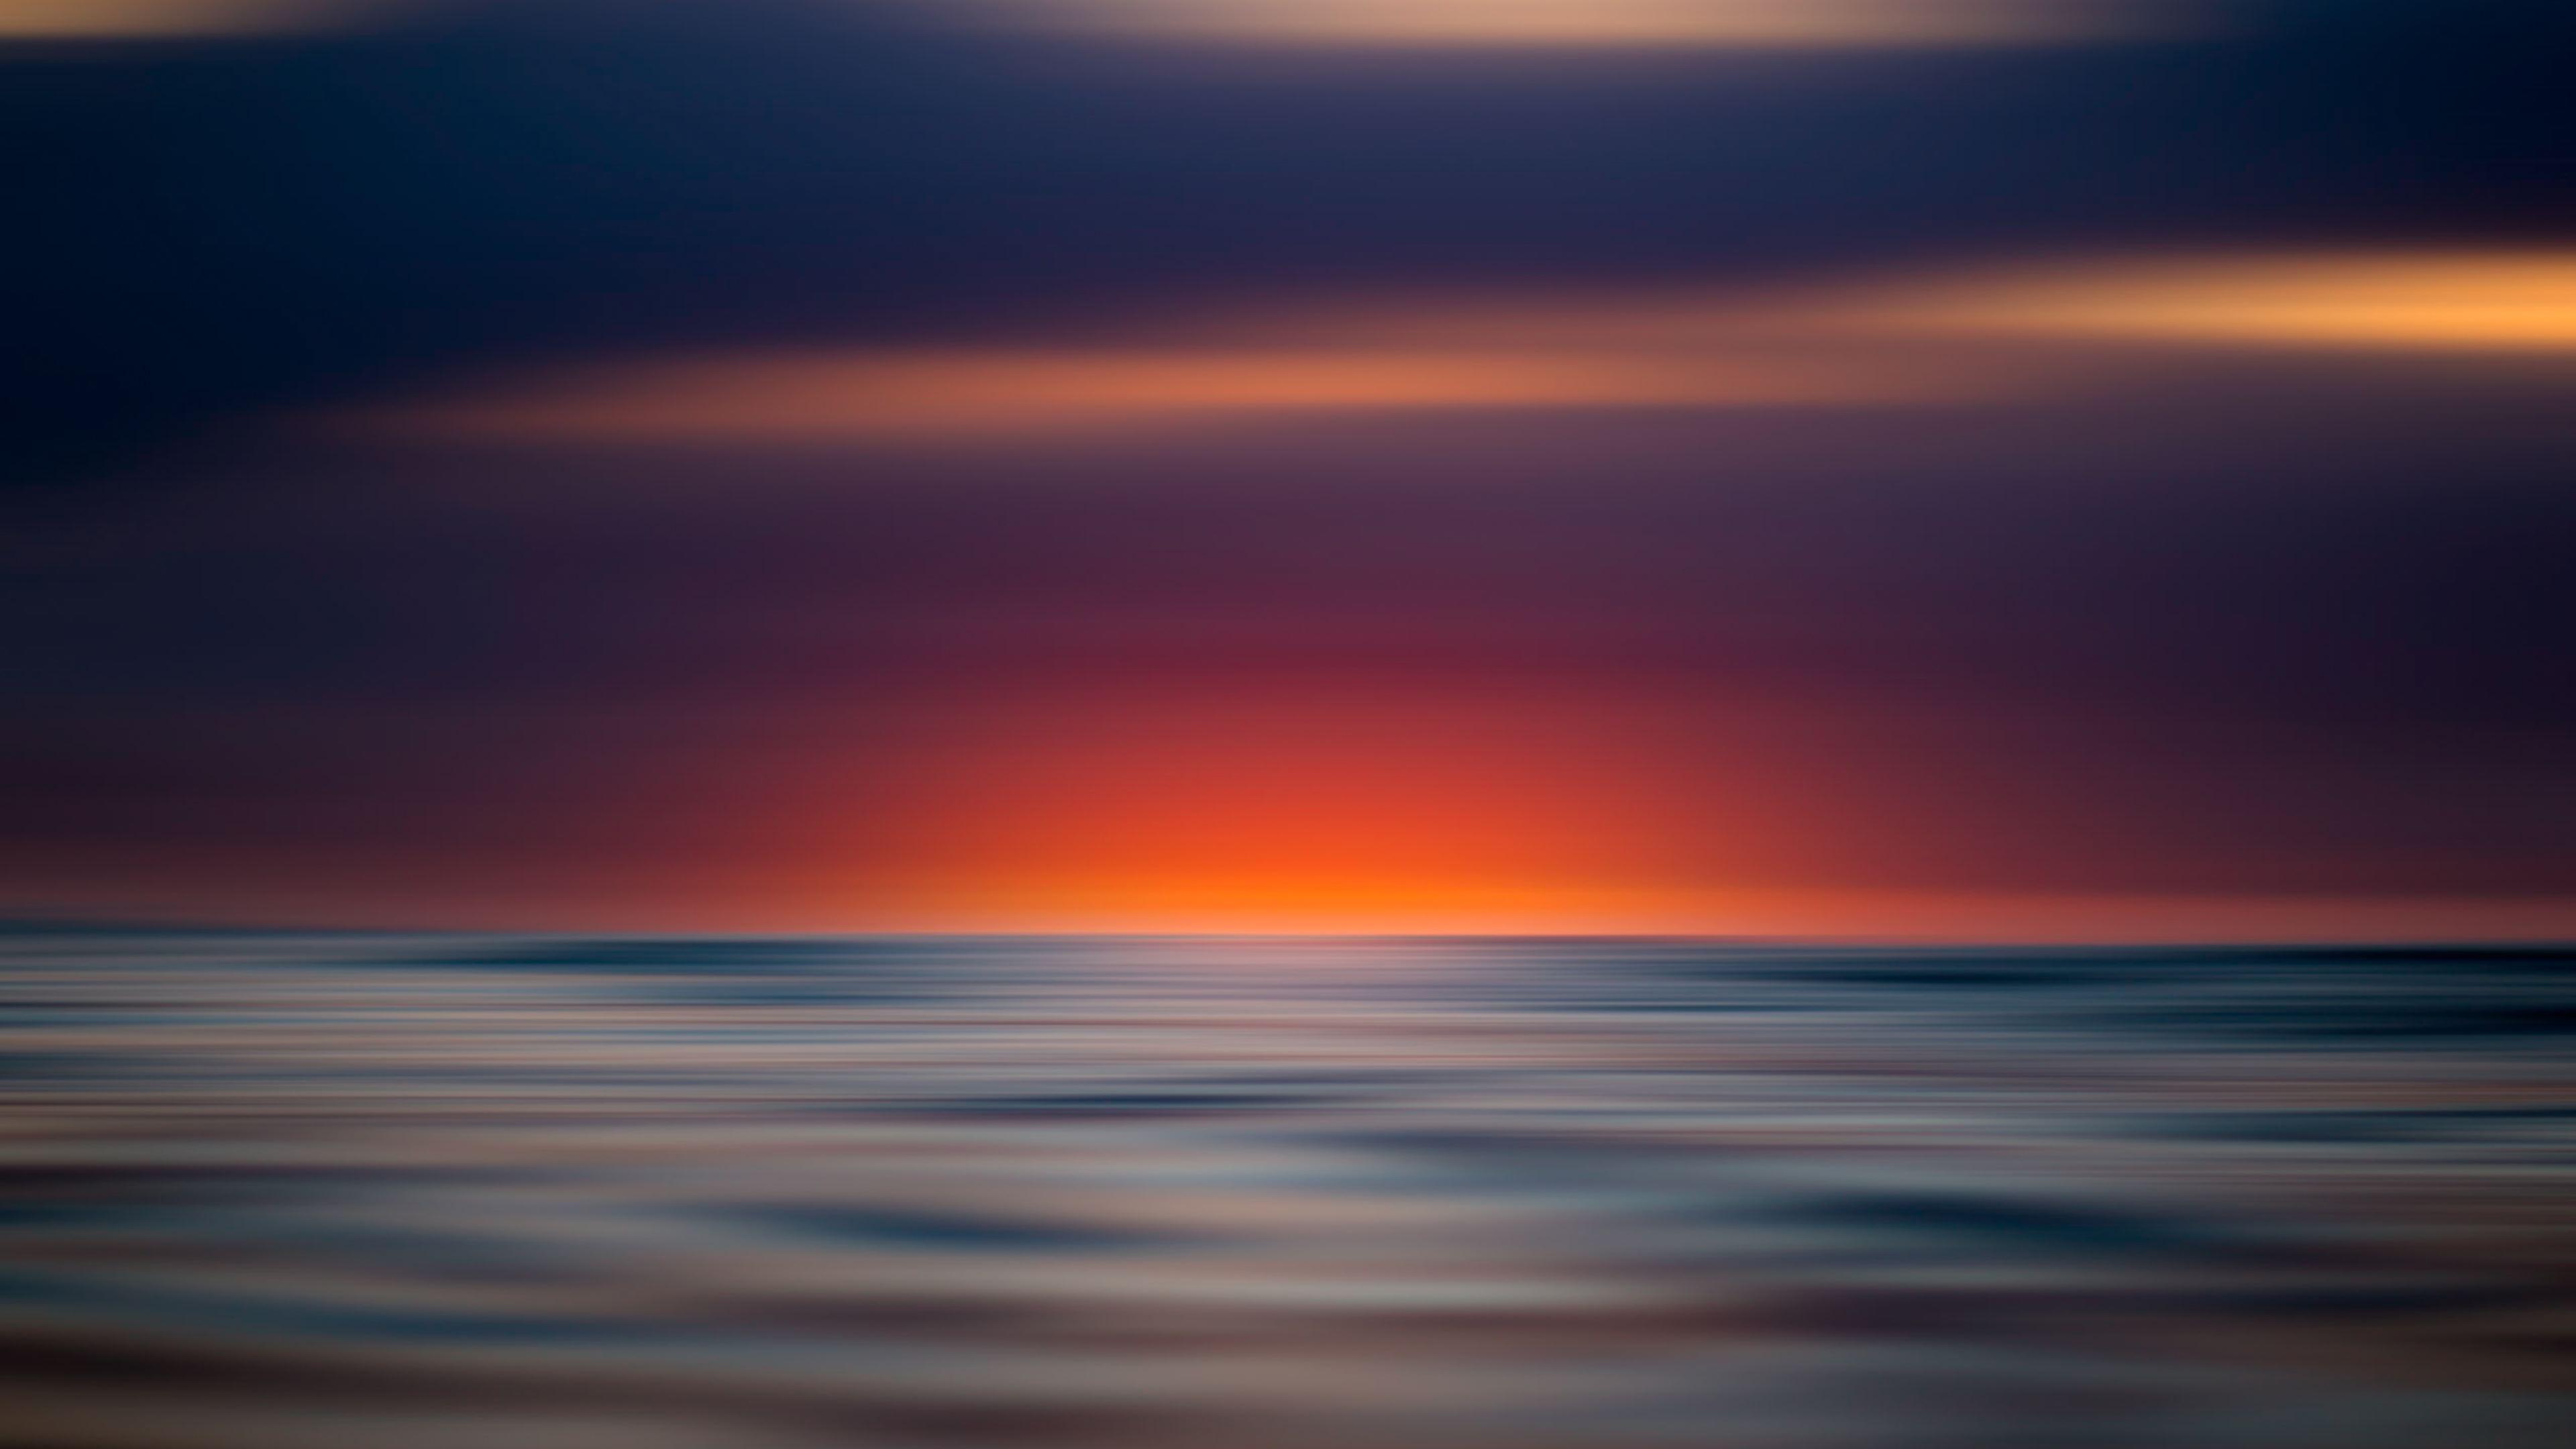 minimalism sea lake sunrise 4k 1540142328 - Minimalism Sea Lake Sunrise 4k - sunset wallpapers, sunrise wallpapers, sea wallpapers, minimalist wallpapers, minimalism wallpapers, lake wallpapers, hd-wallpapers, 8k wallpapers, 5k wallpapers, 4k-wallpapers